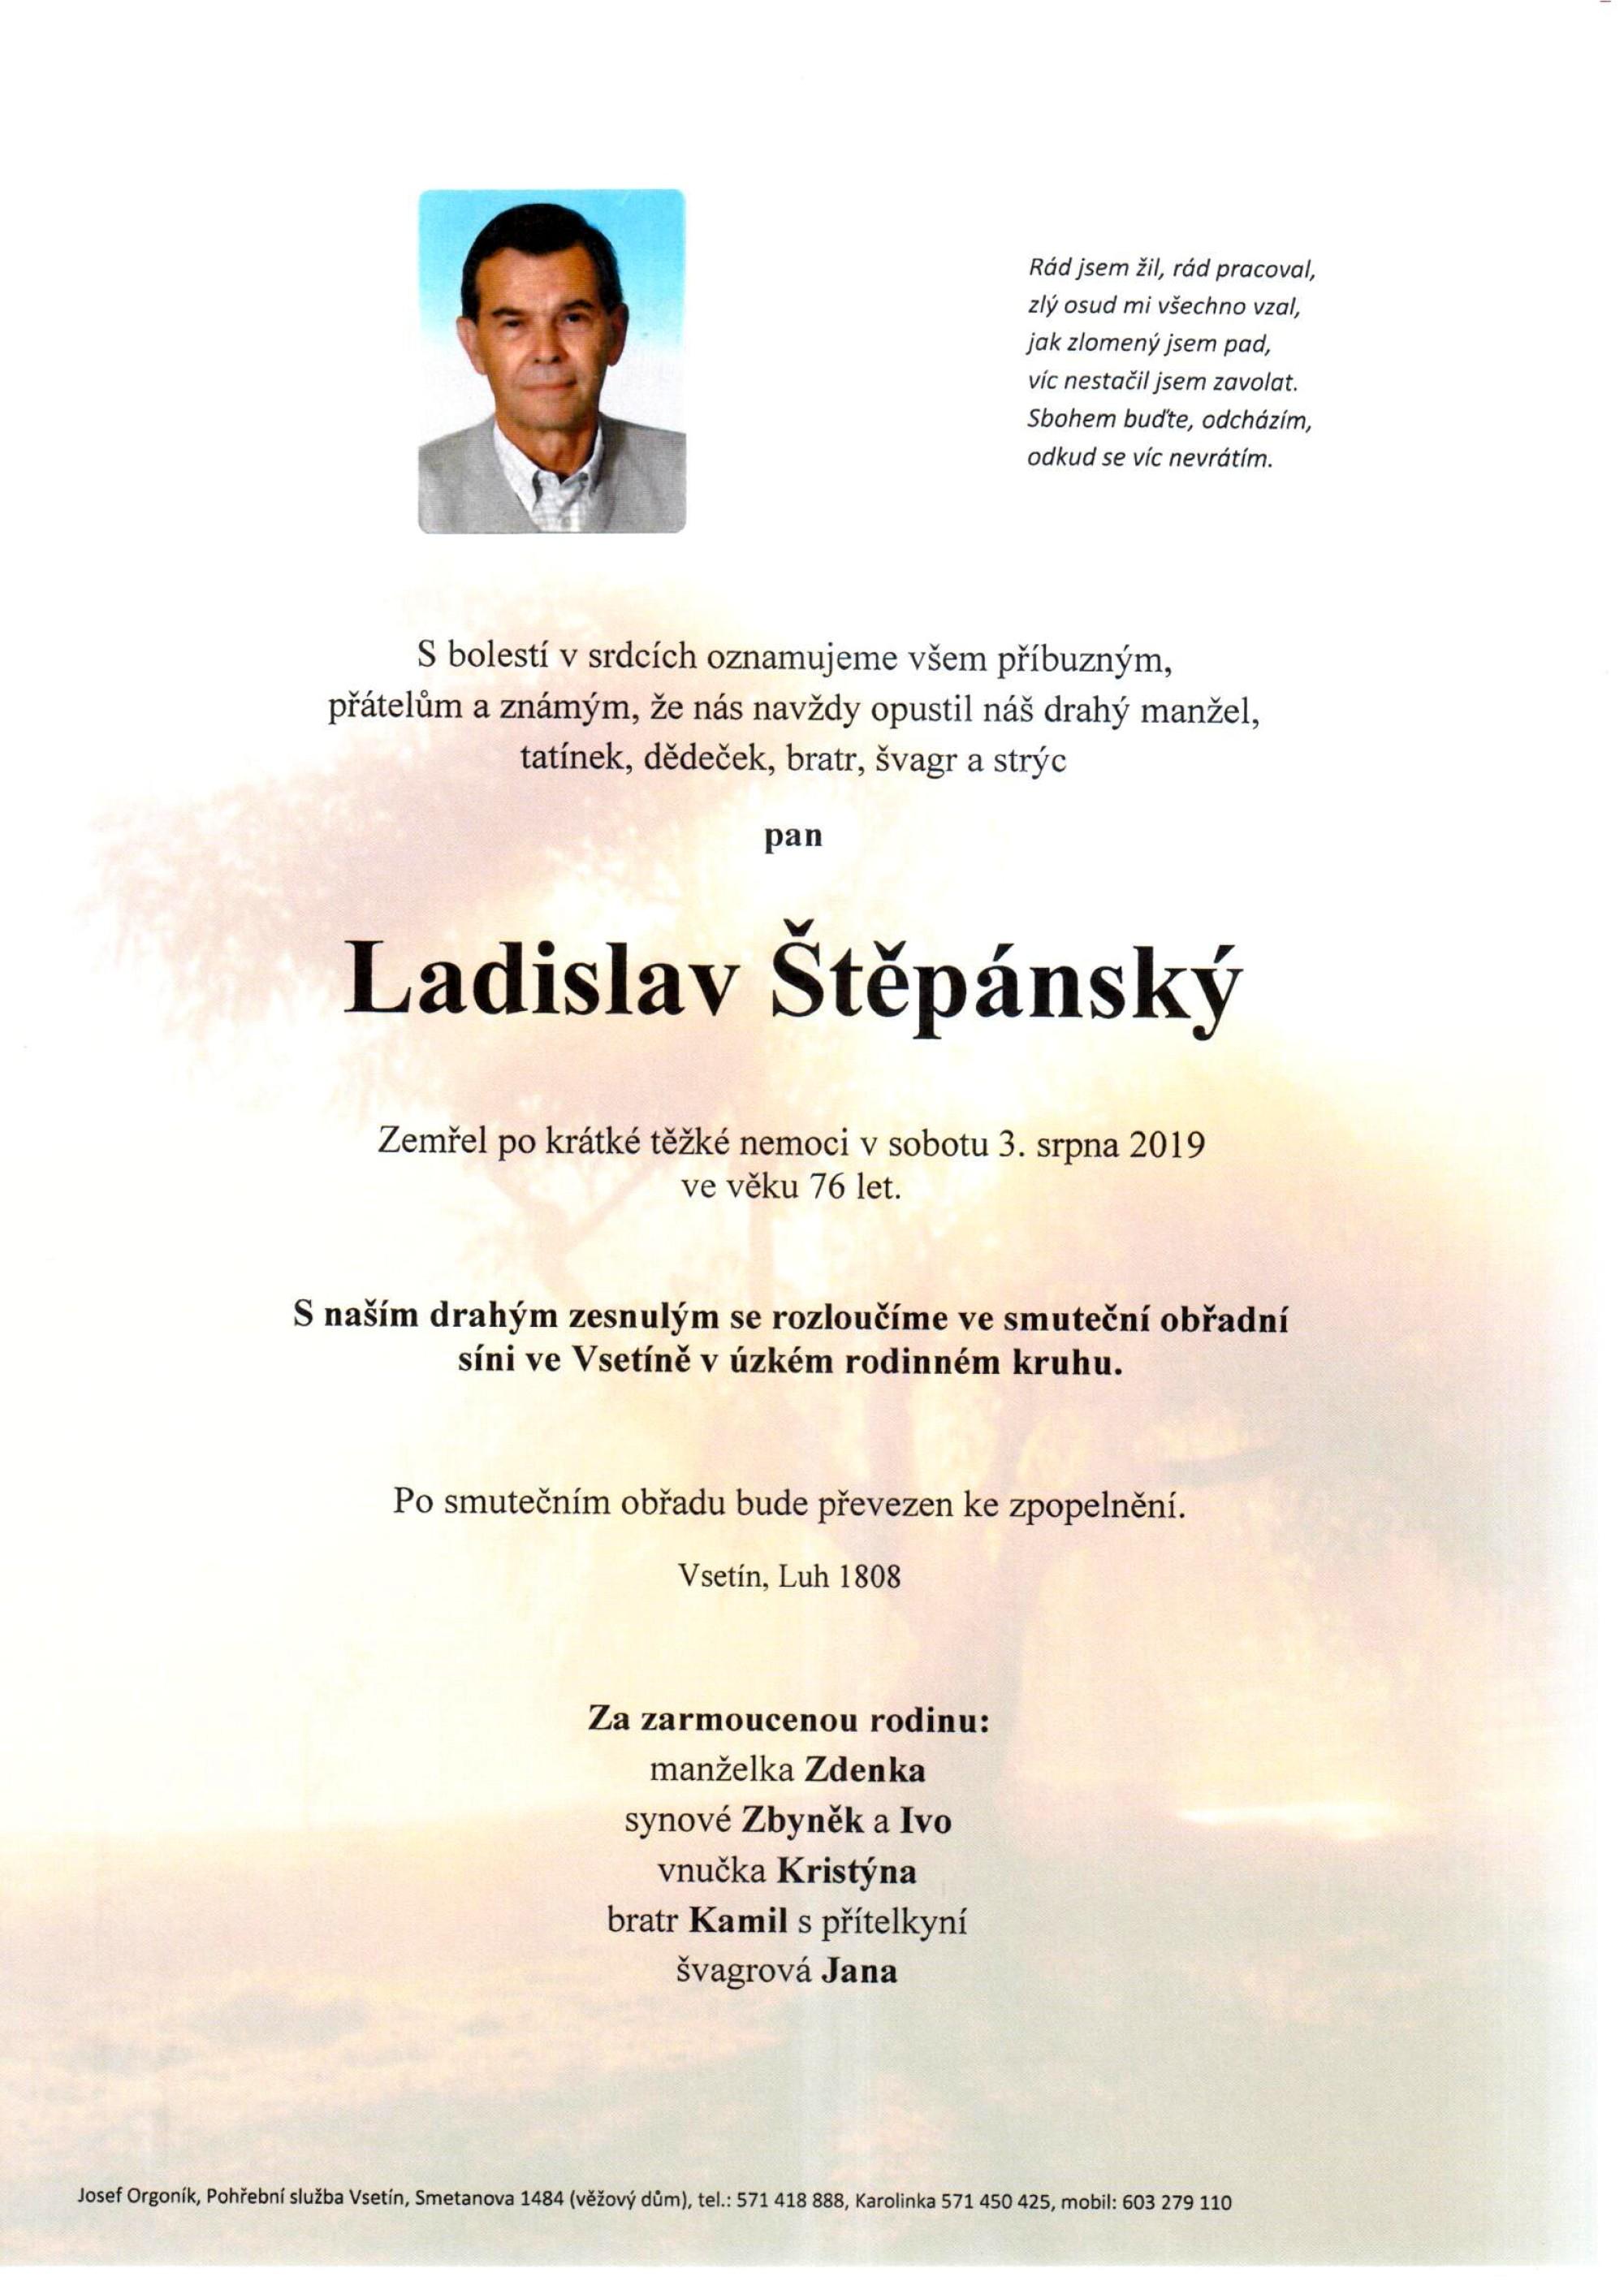 Ladislav Štěpánský